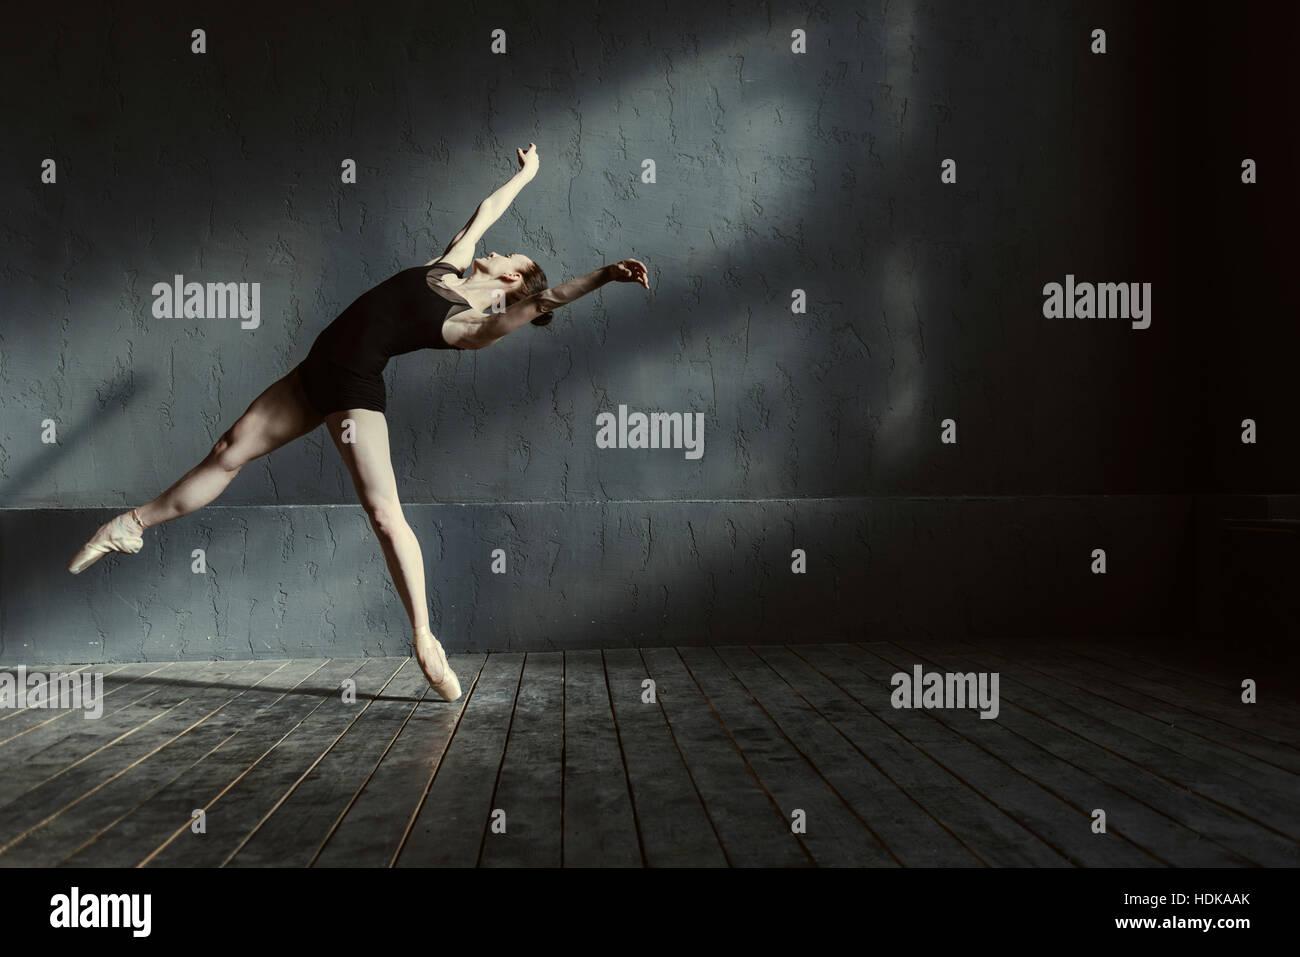 Abile giovane ballerina che agiscono in nero camera colorata Immagini Stock